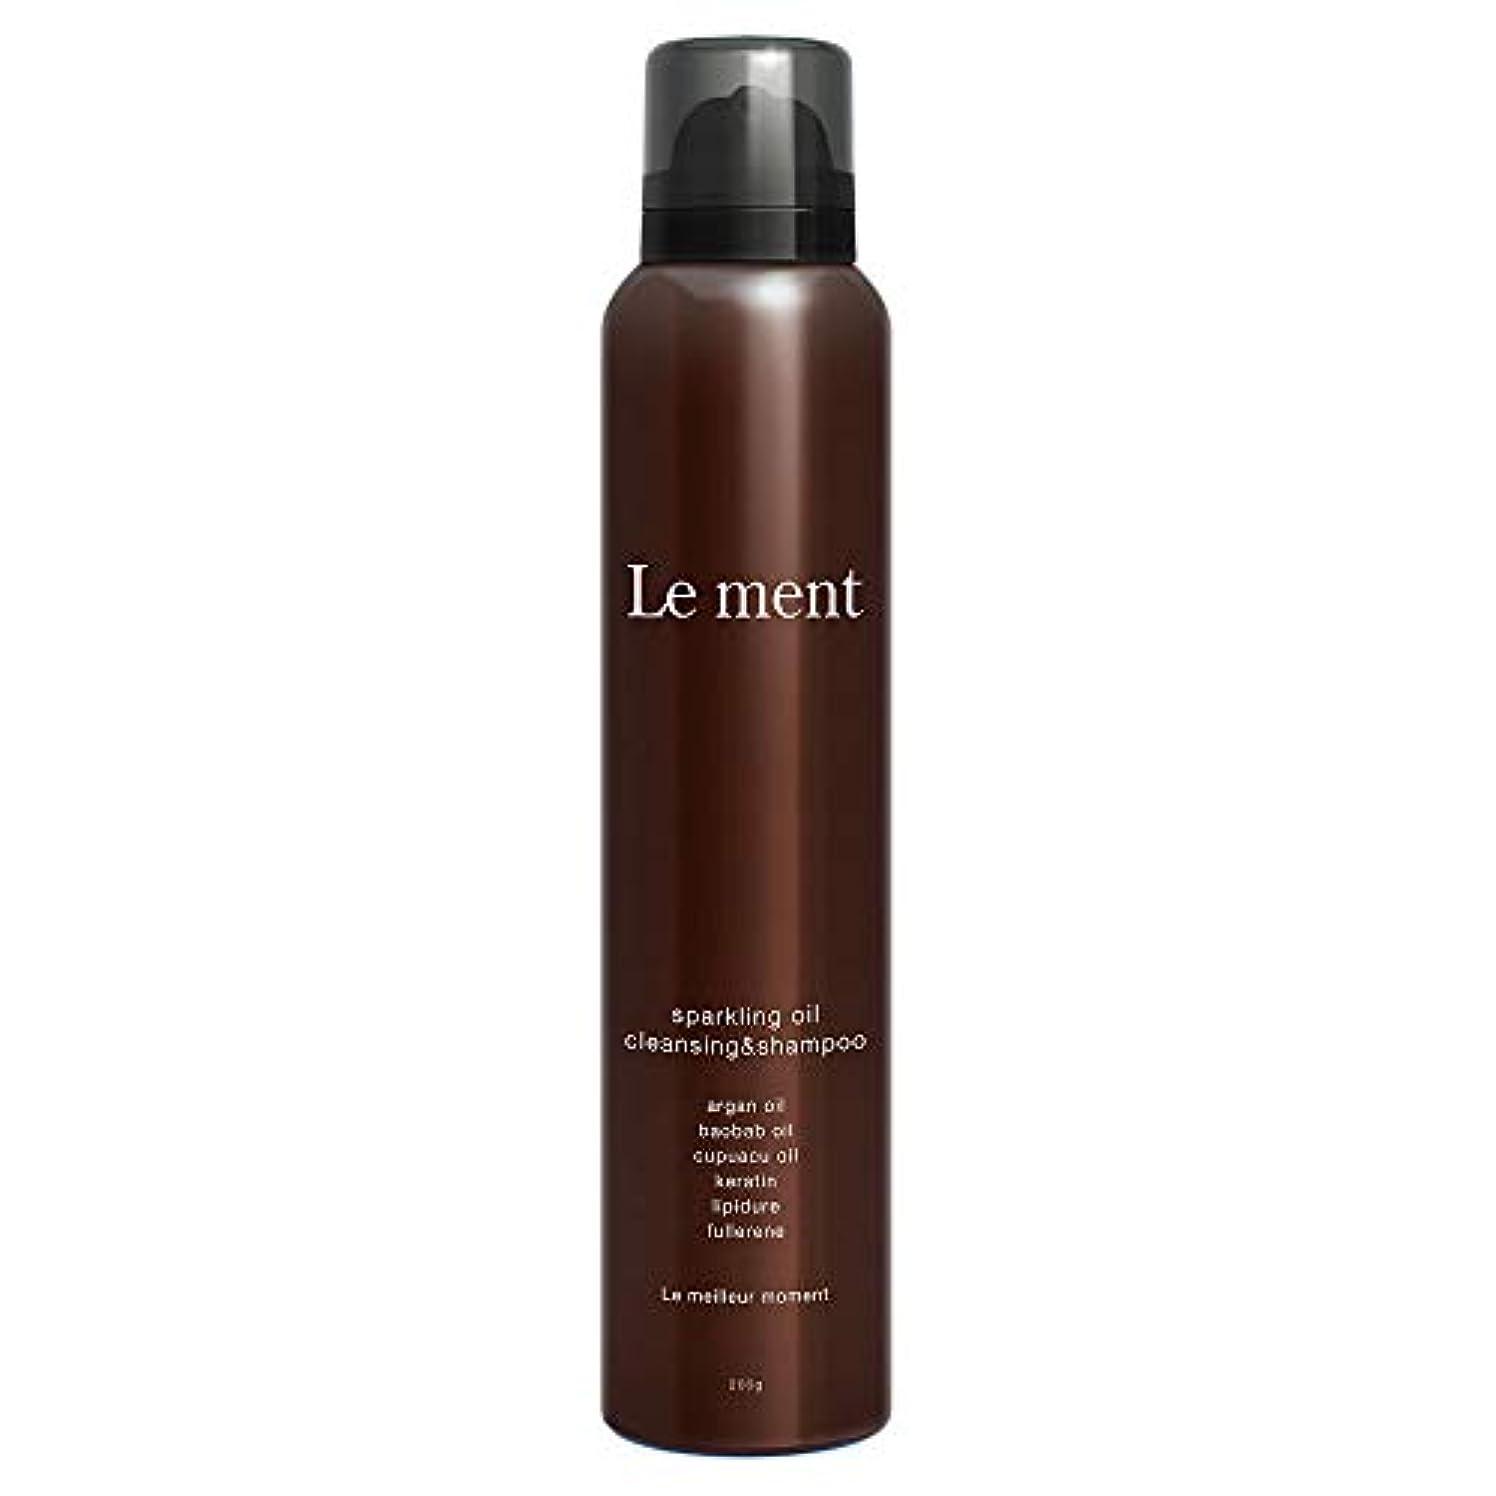 タイプライター哲学の面ではLe ment -sparkling oil cleansing & shampoo -